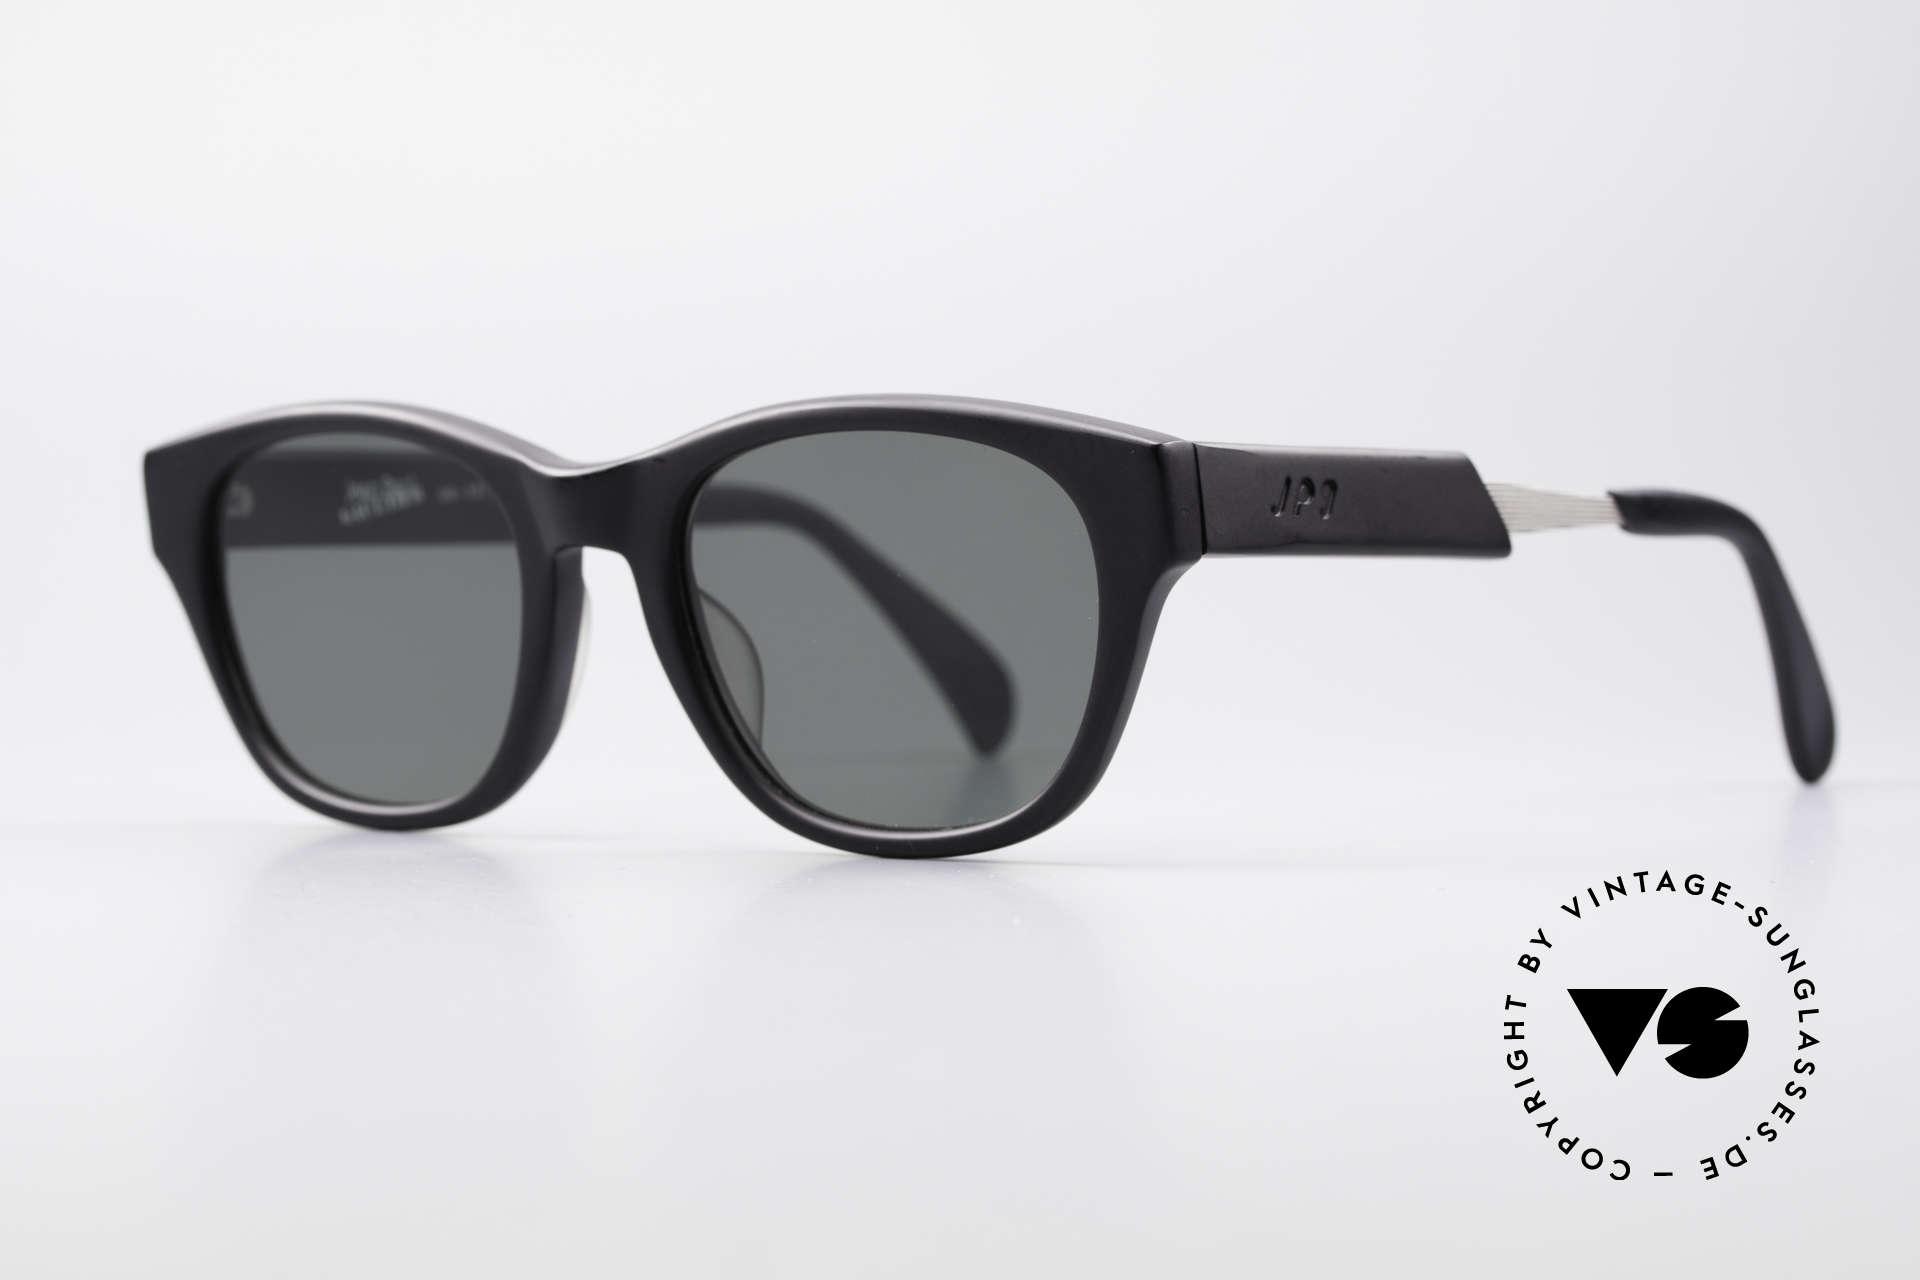 Jean Paul Gaultier 56-1071 Designer Vintage Sonnenbrille, fühlbare Gaultier Spitzen-Qualität (made in Japan), Passend für Herren und Damen